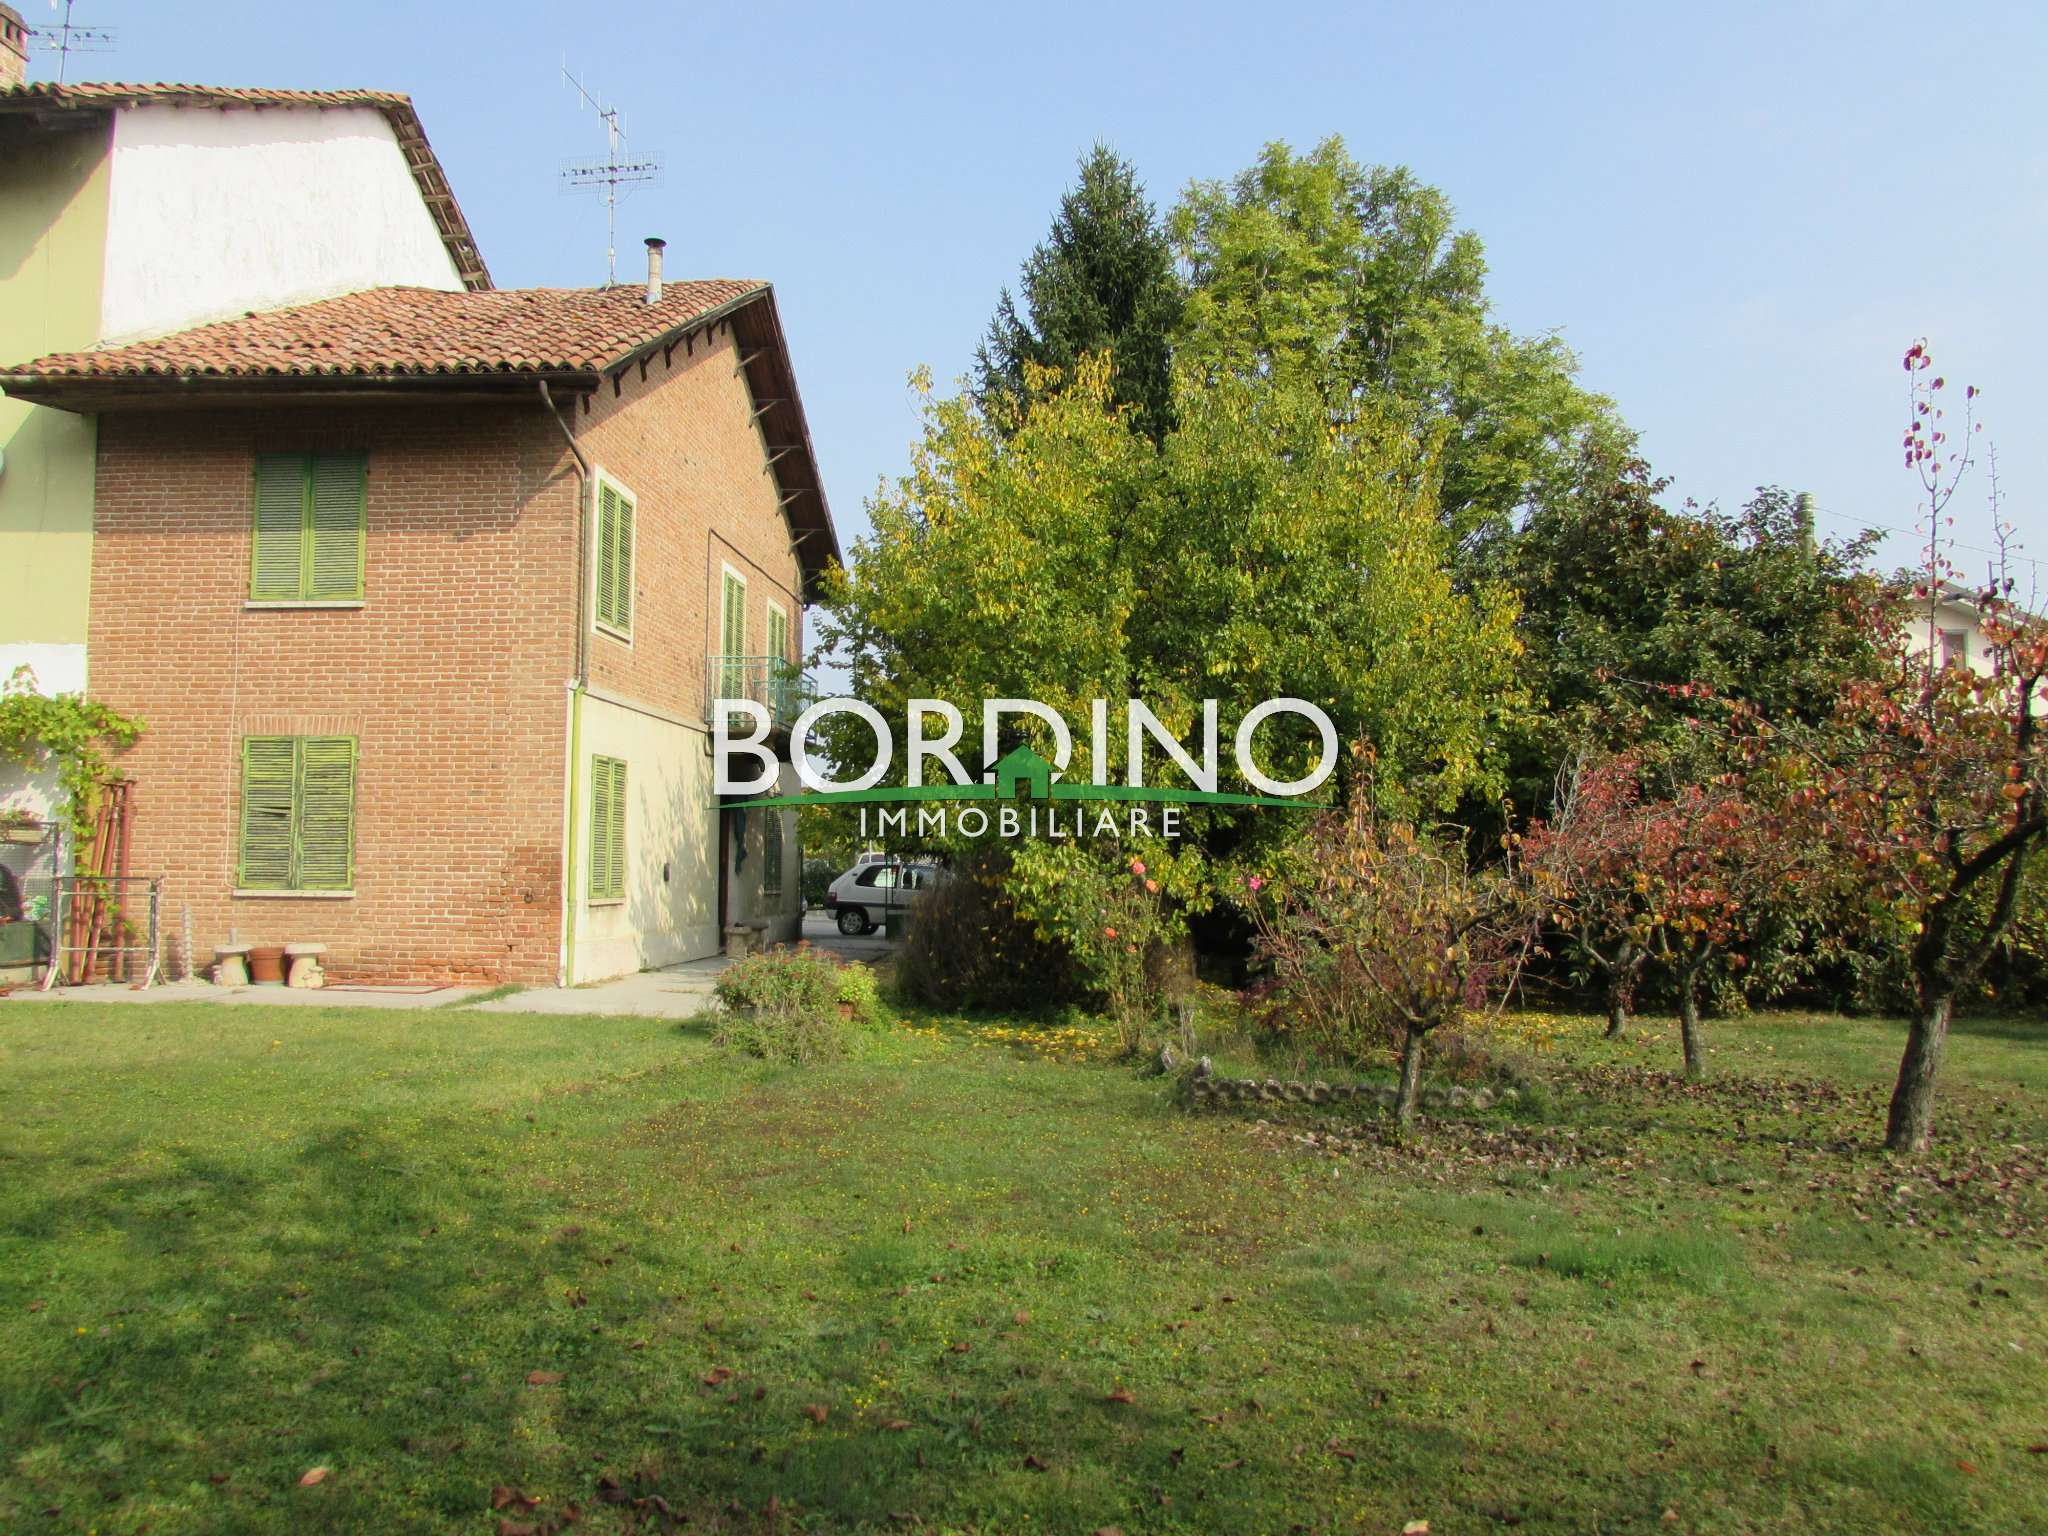 Soluzione Indipendente in vendita a Magliano Alfieri, 4 locali, prezzo € 110.000 | Cambio Casa.it